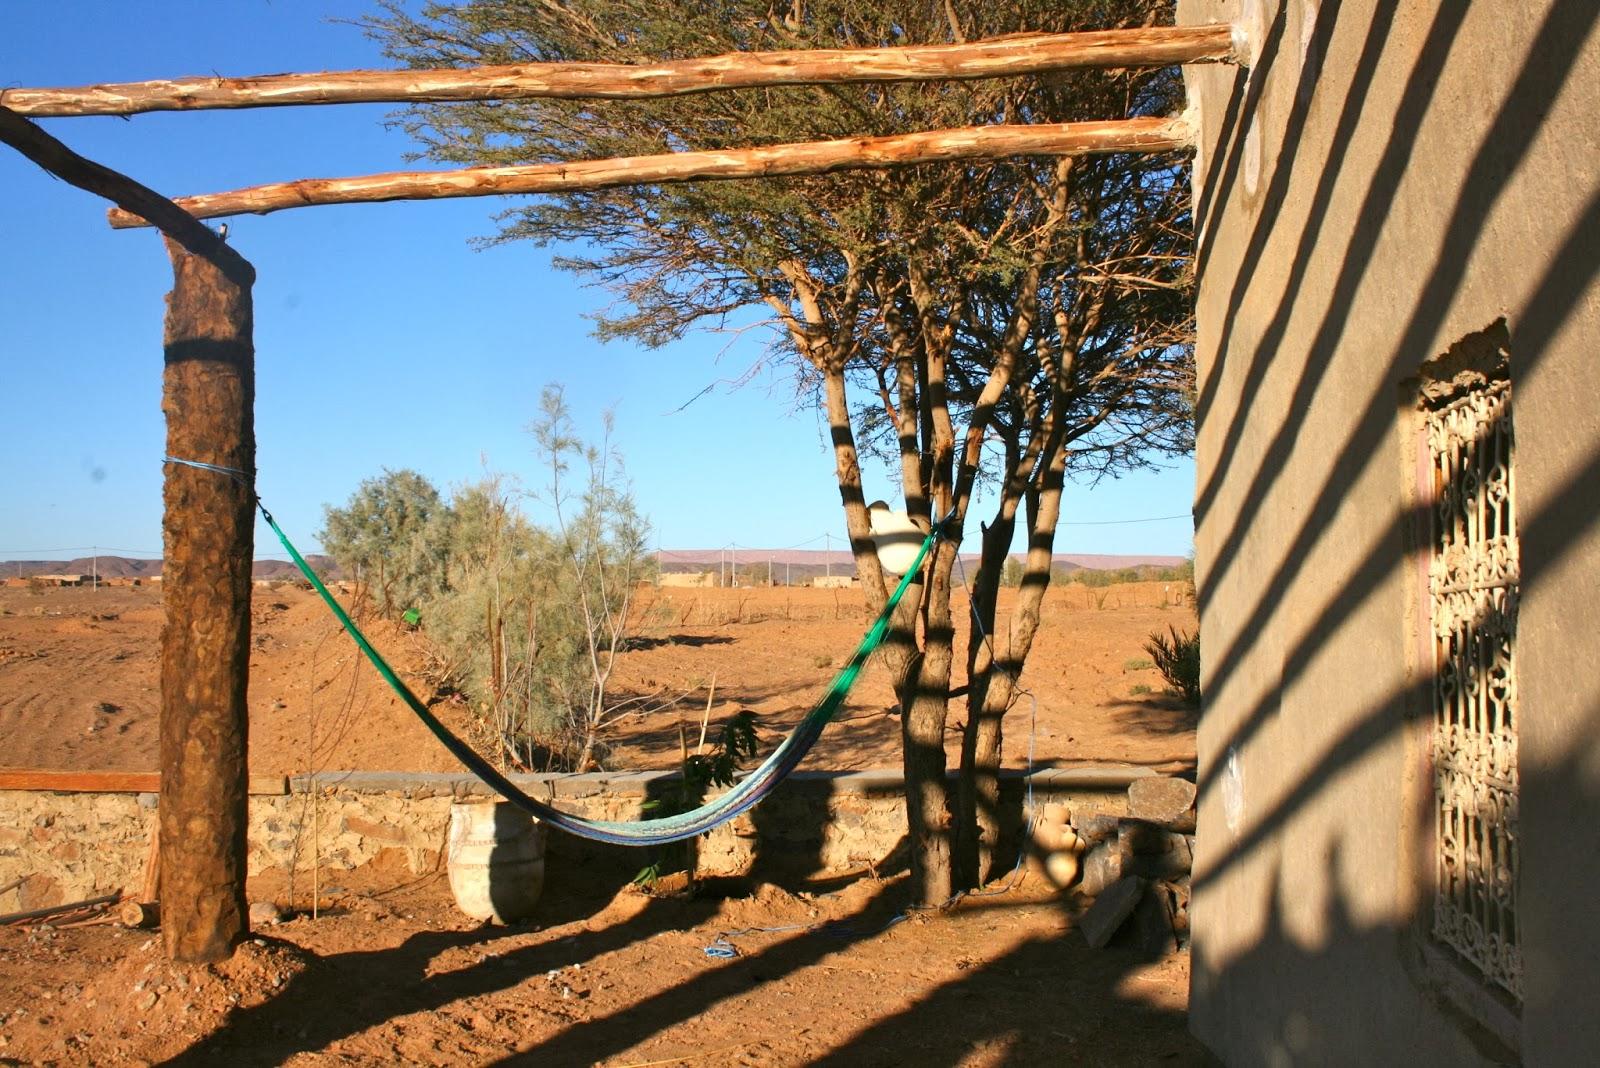 viajes a marruecos, viajes al desierto, aventura, felicidad, marrakech, arfoud